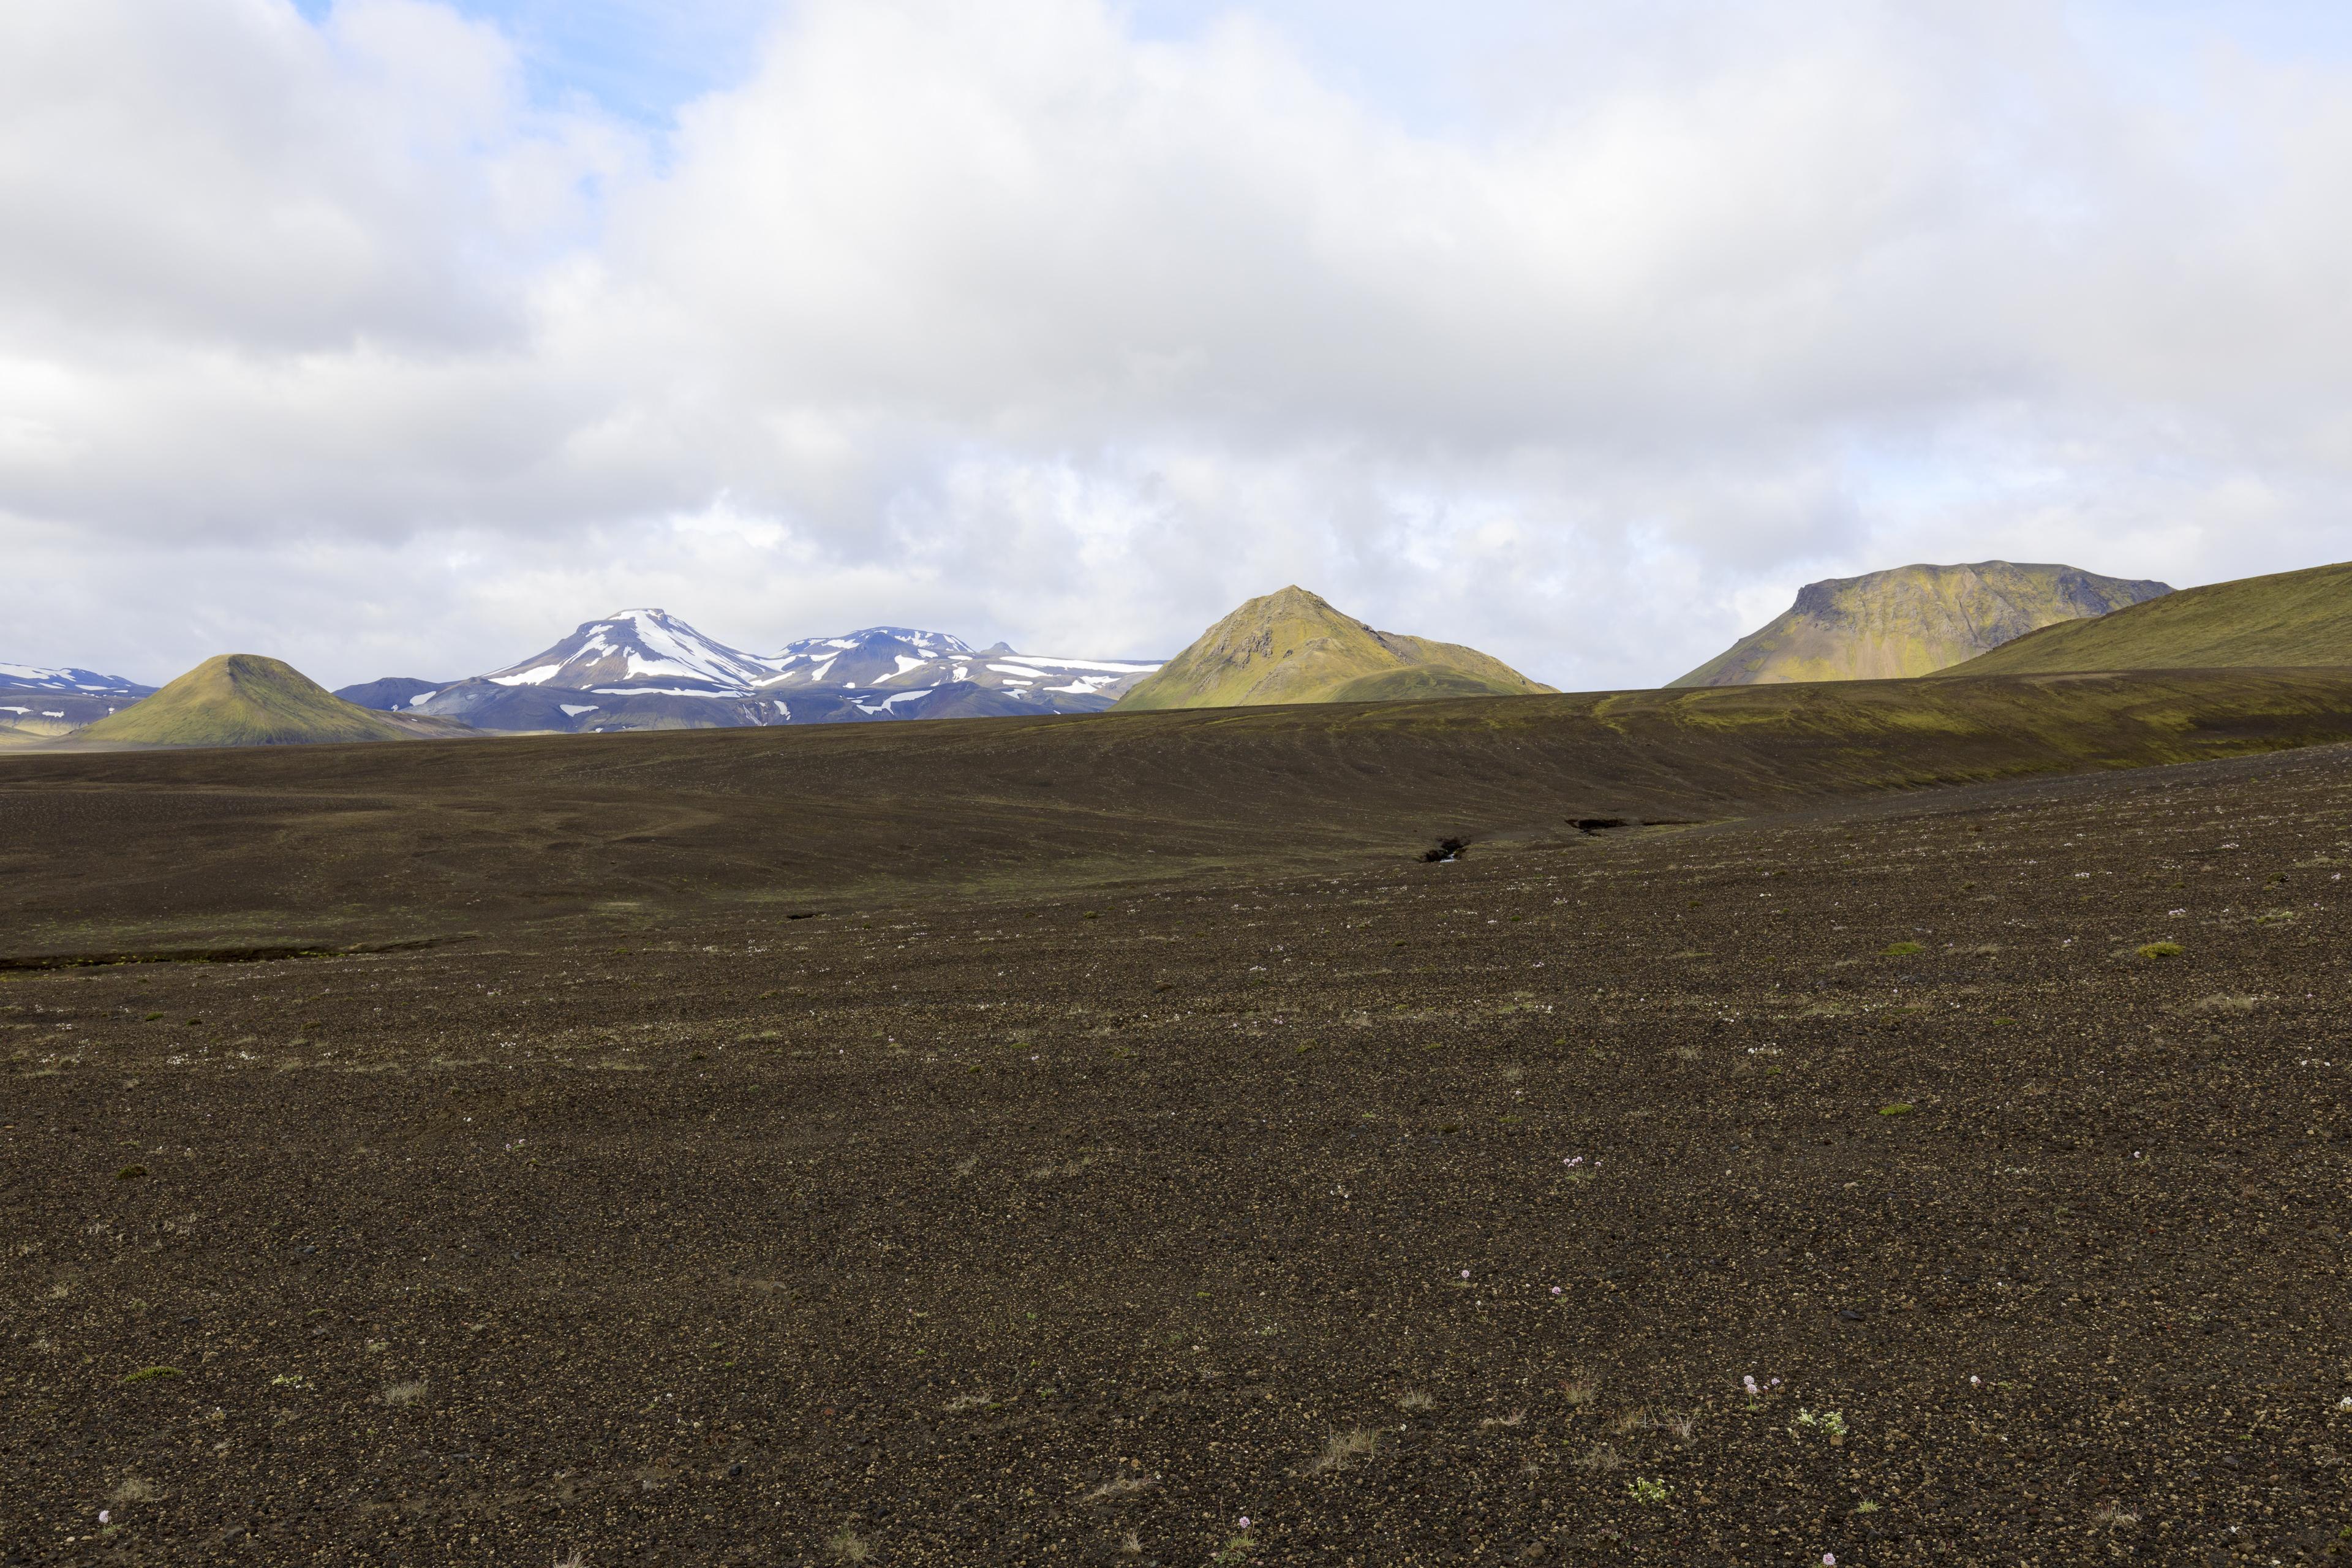 Blick von der Piste nach Süden,©Markus Proske—Canon EOS 5D Mark IV, EF16-35mm f/4L IS USM, 28mm, 1/125s, Blende 11, ISO 200